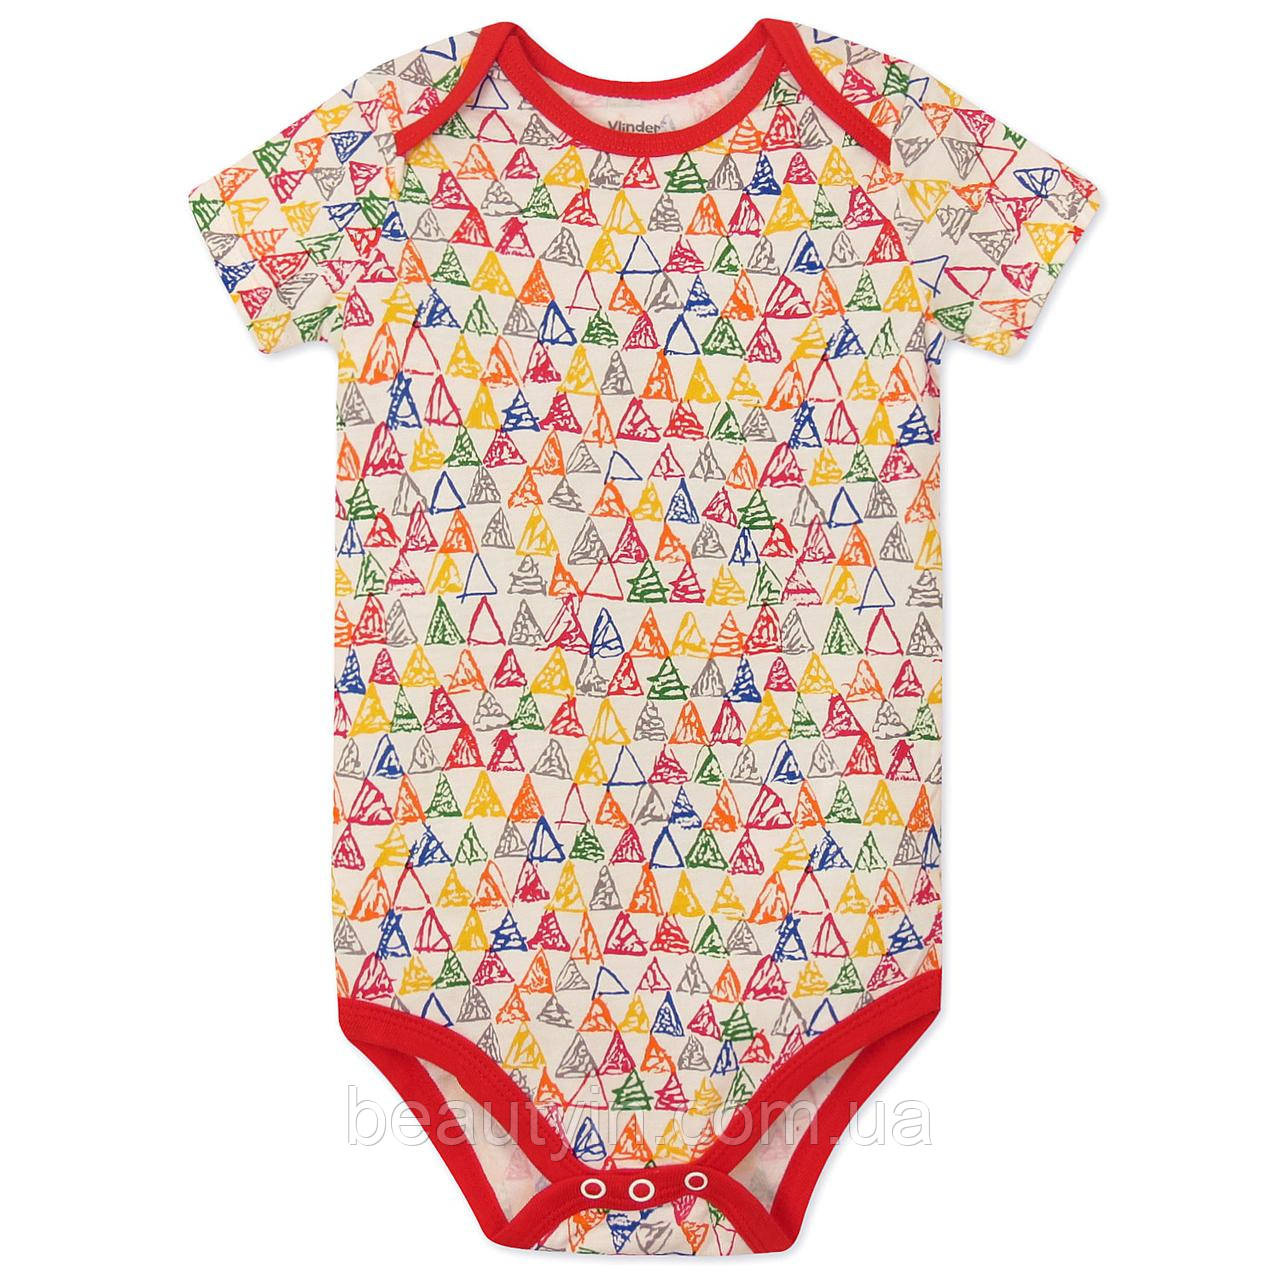 Боді для дівчинки Трикутники Vlinder